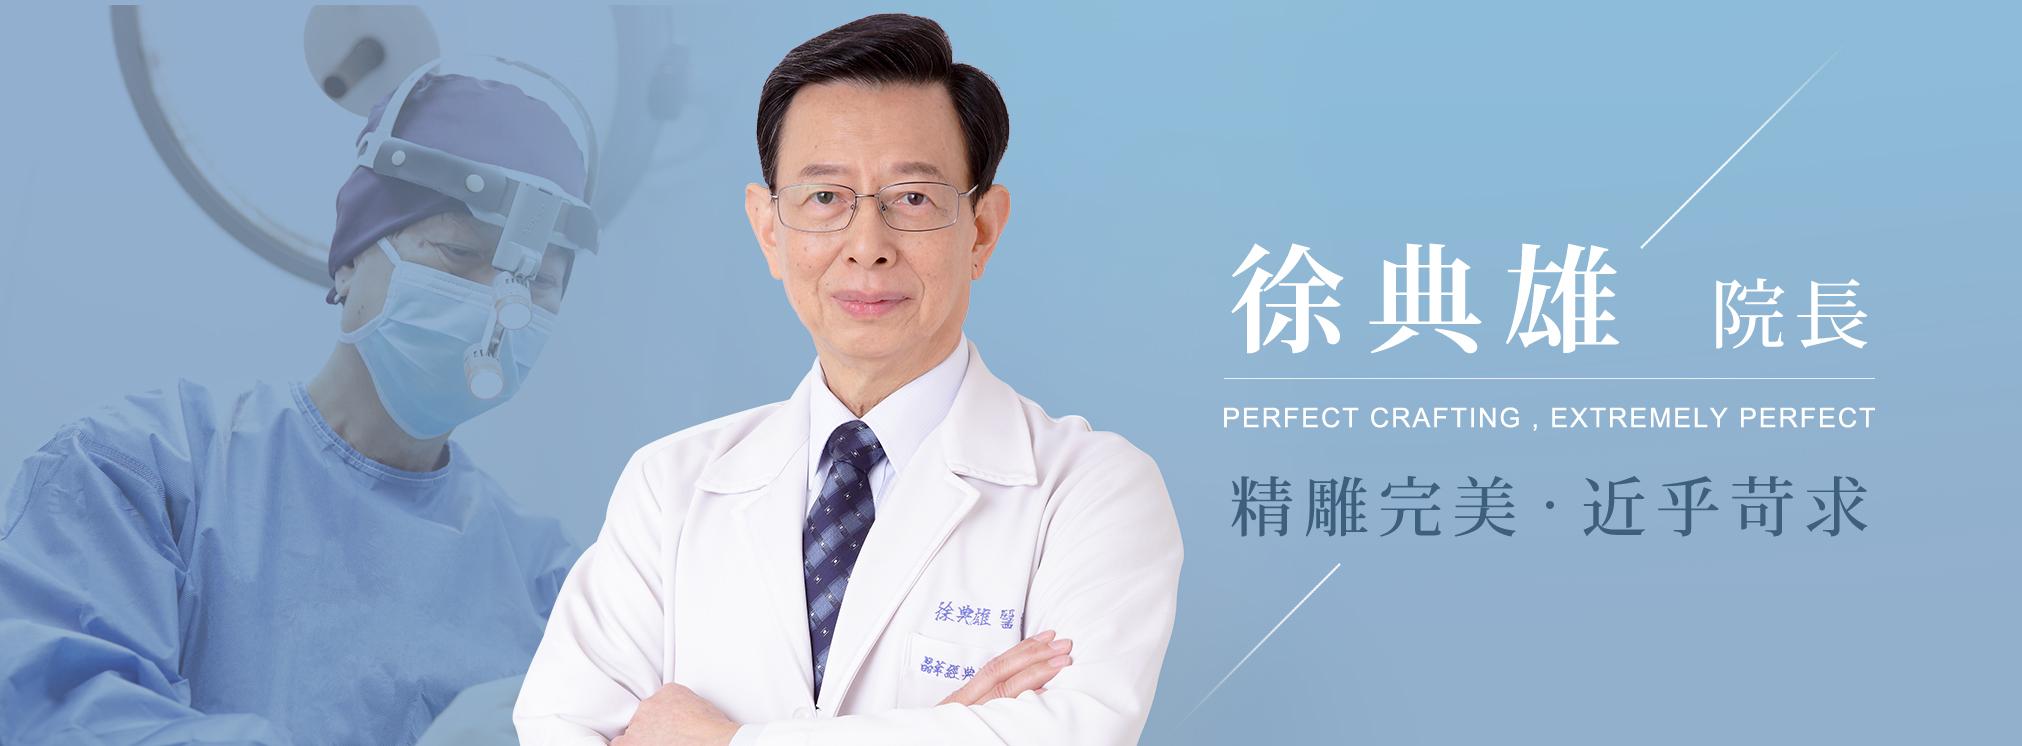 專業整形外科手術醫師